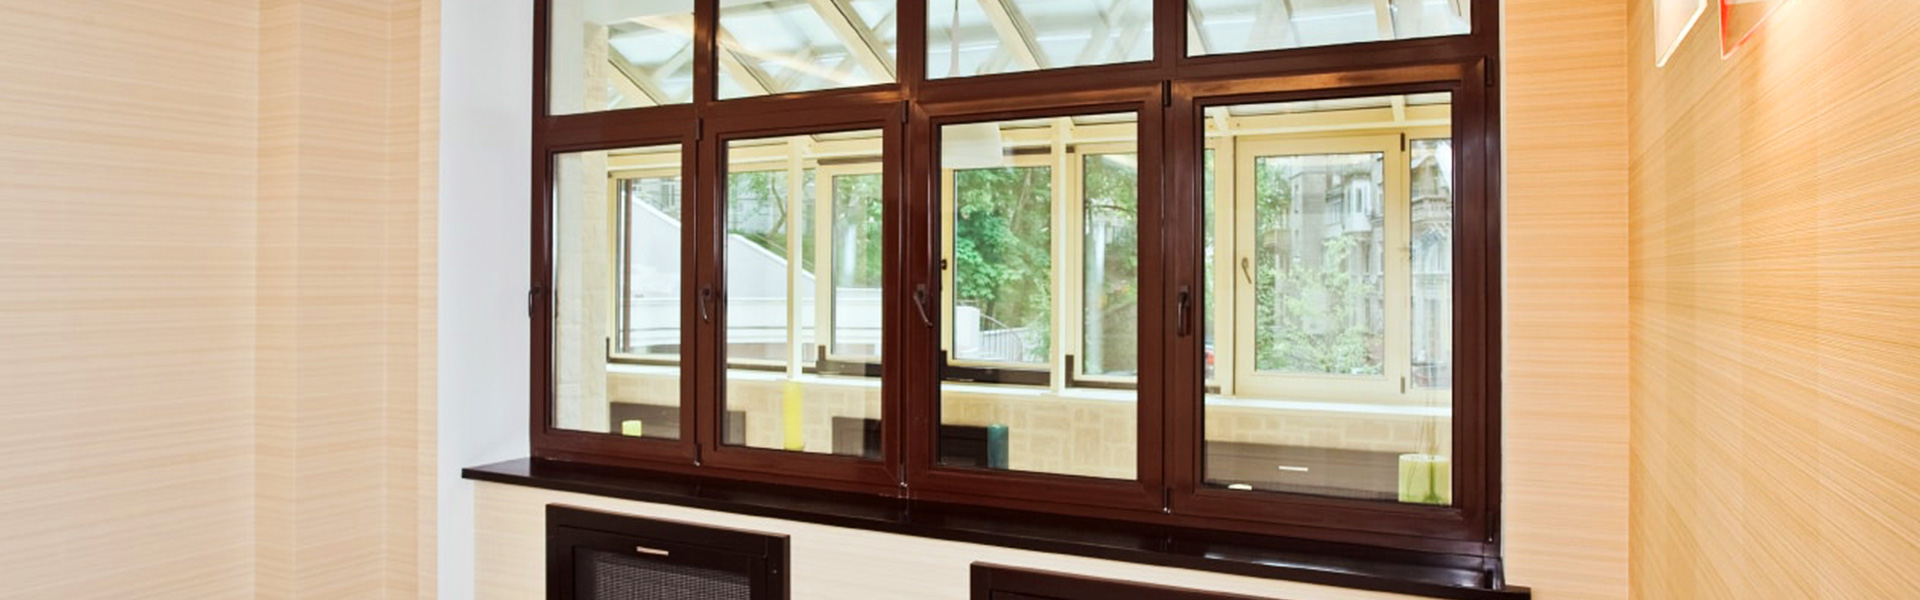 Пластиковые окна фон записи